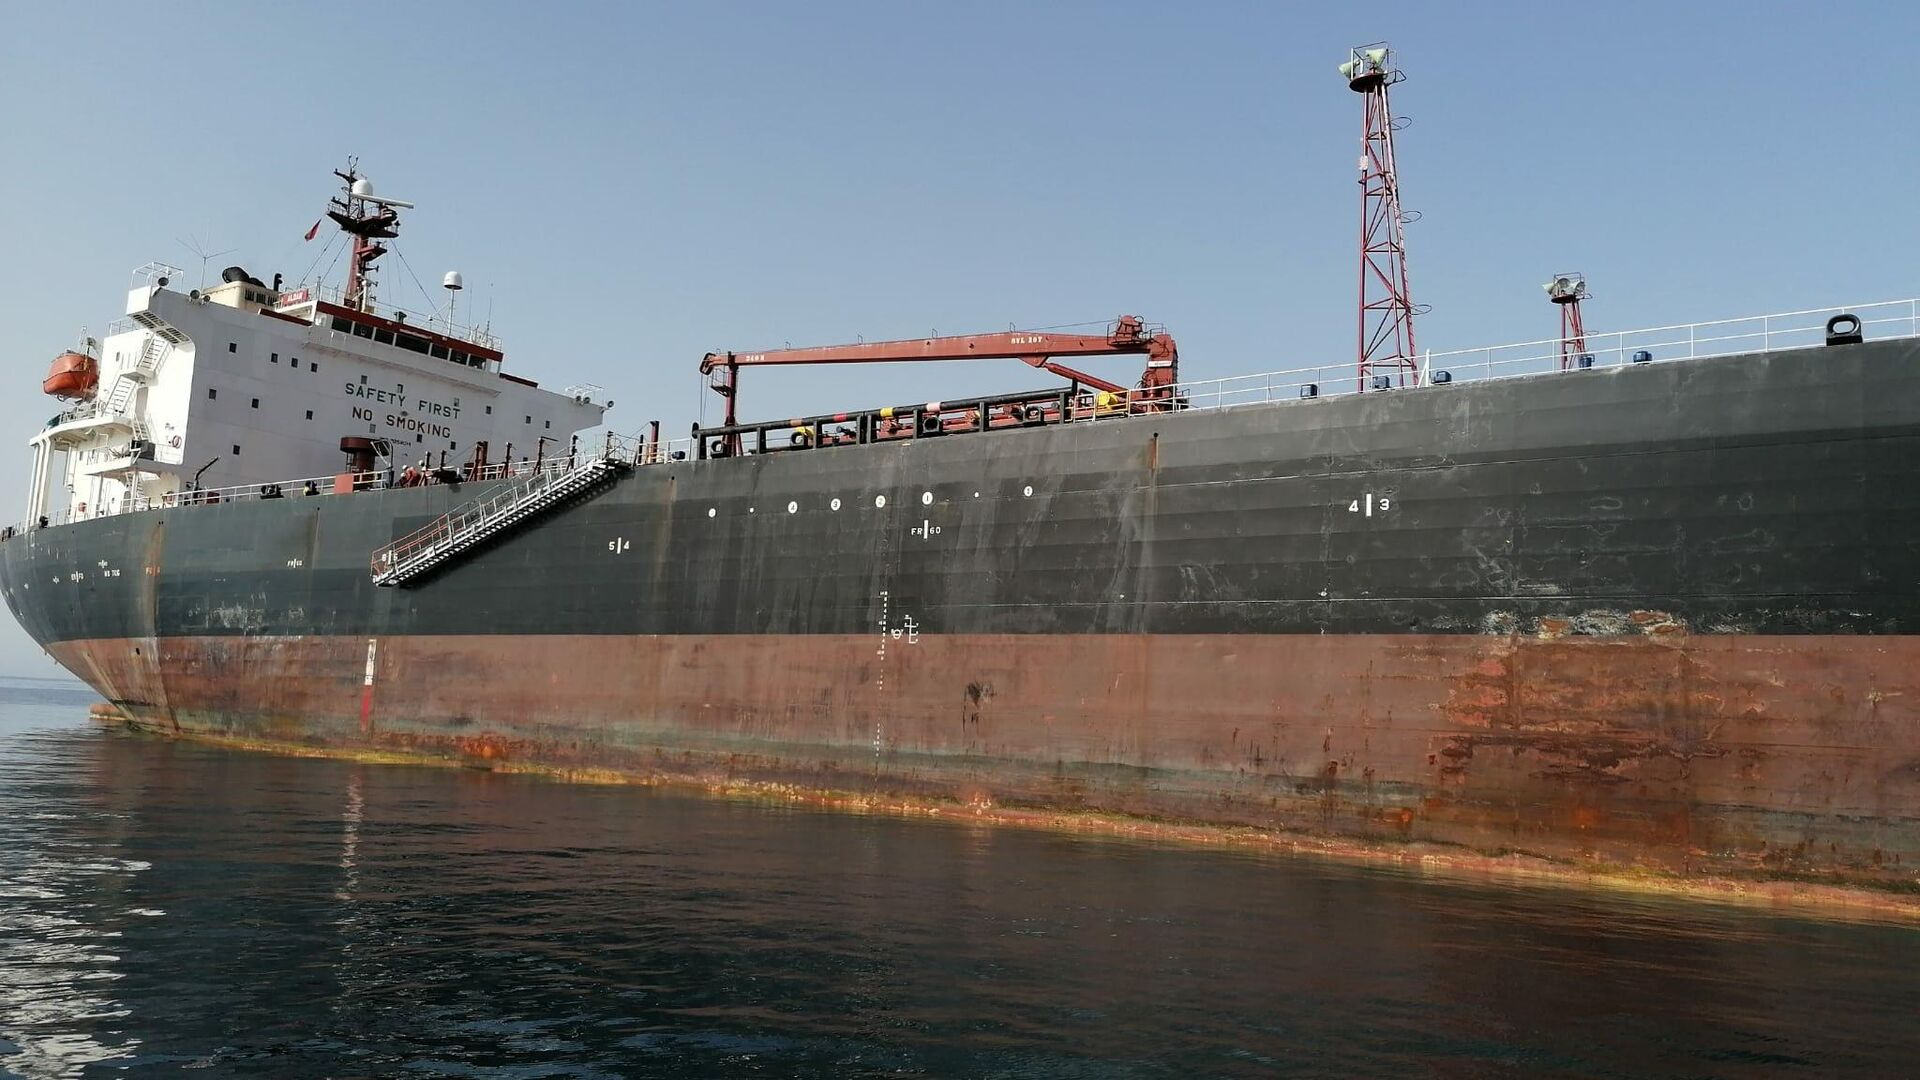 El petróleo Aldan fue construido en 2003 y navega bajo bandera de Liberia - Sputnik Mundo, 1920, 16.06.2021